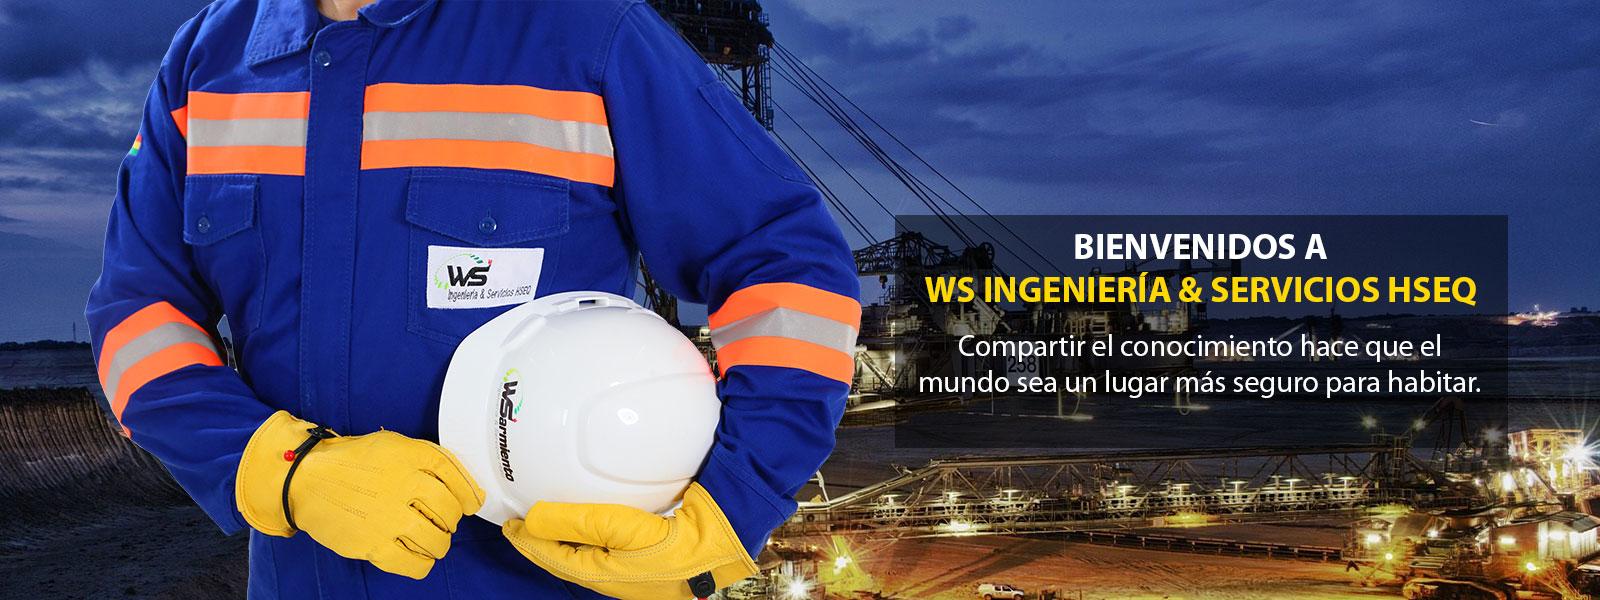 wsafe-ingenieria-y-servicios